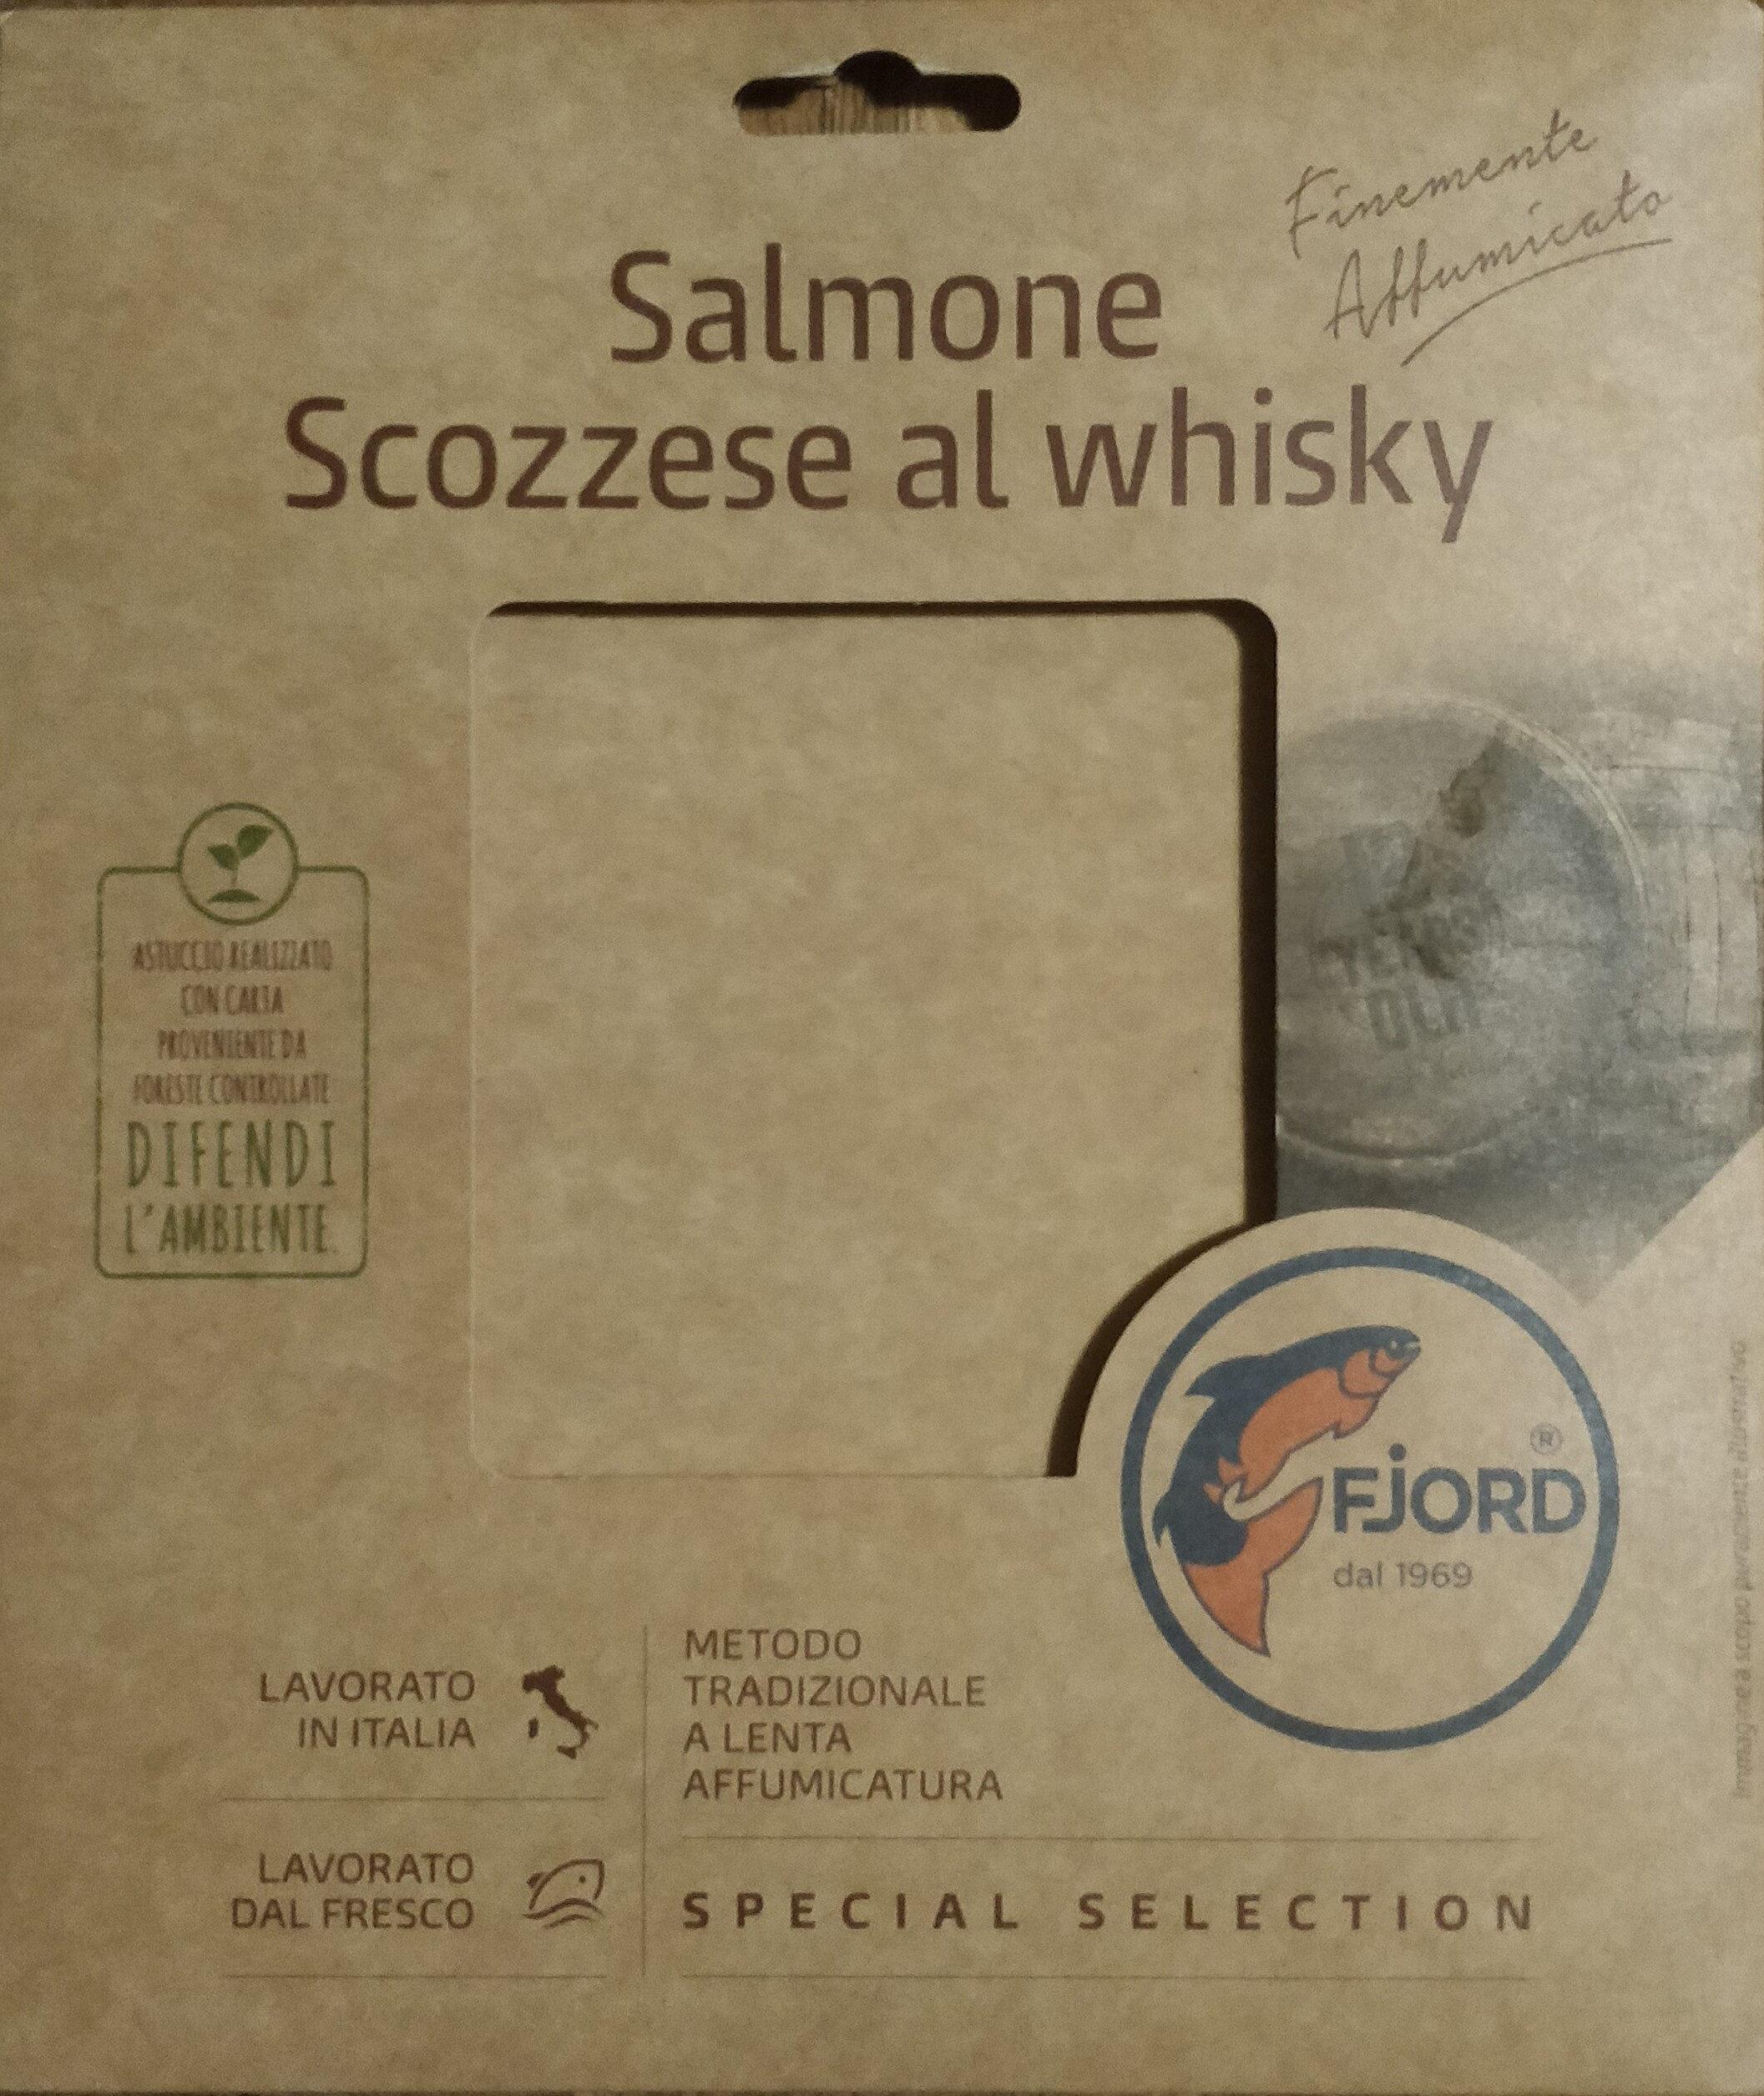 Salmone scozzese al whisky - Product - it